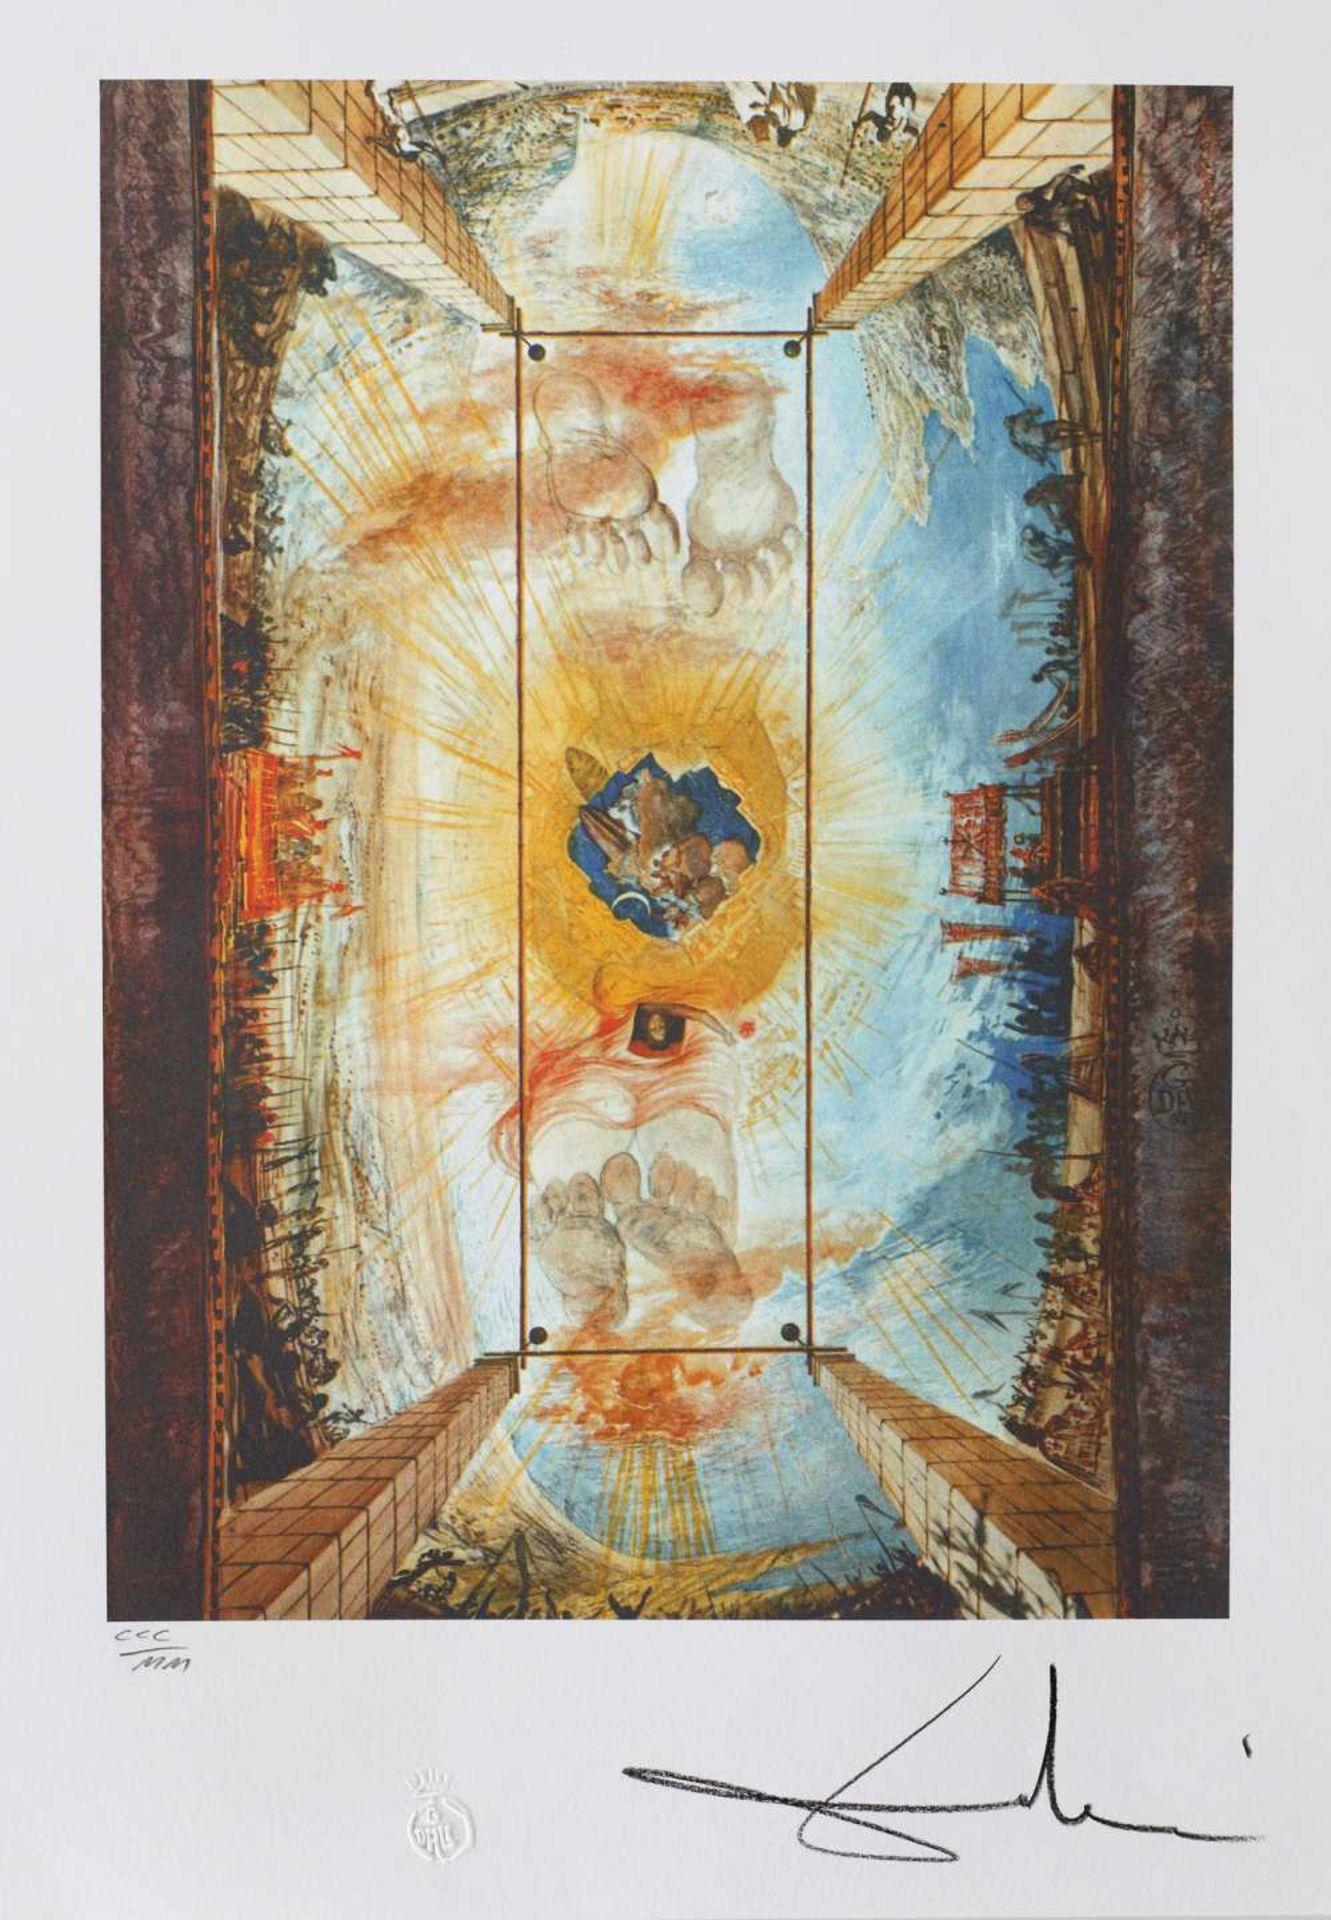 Salvador Dali, The Dalinian TriangleSalvador Dali, The Dalinian Triangle, chromolithography, 45